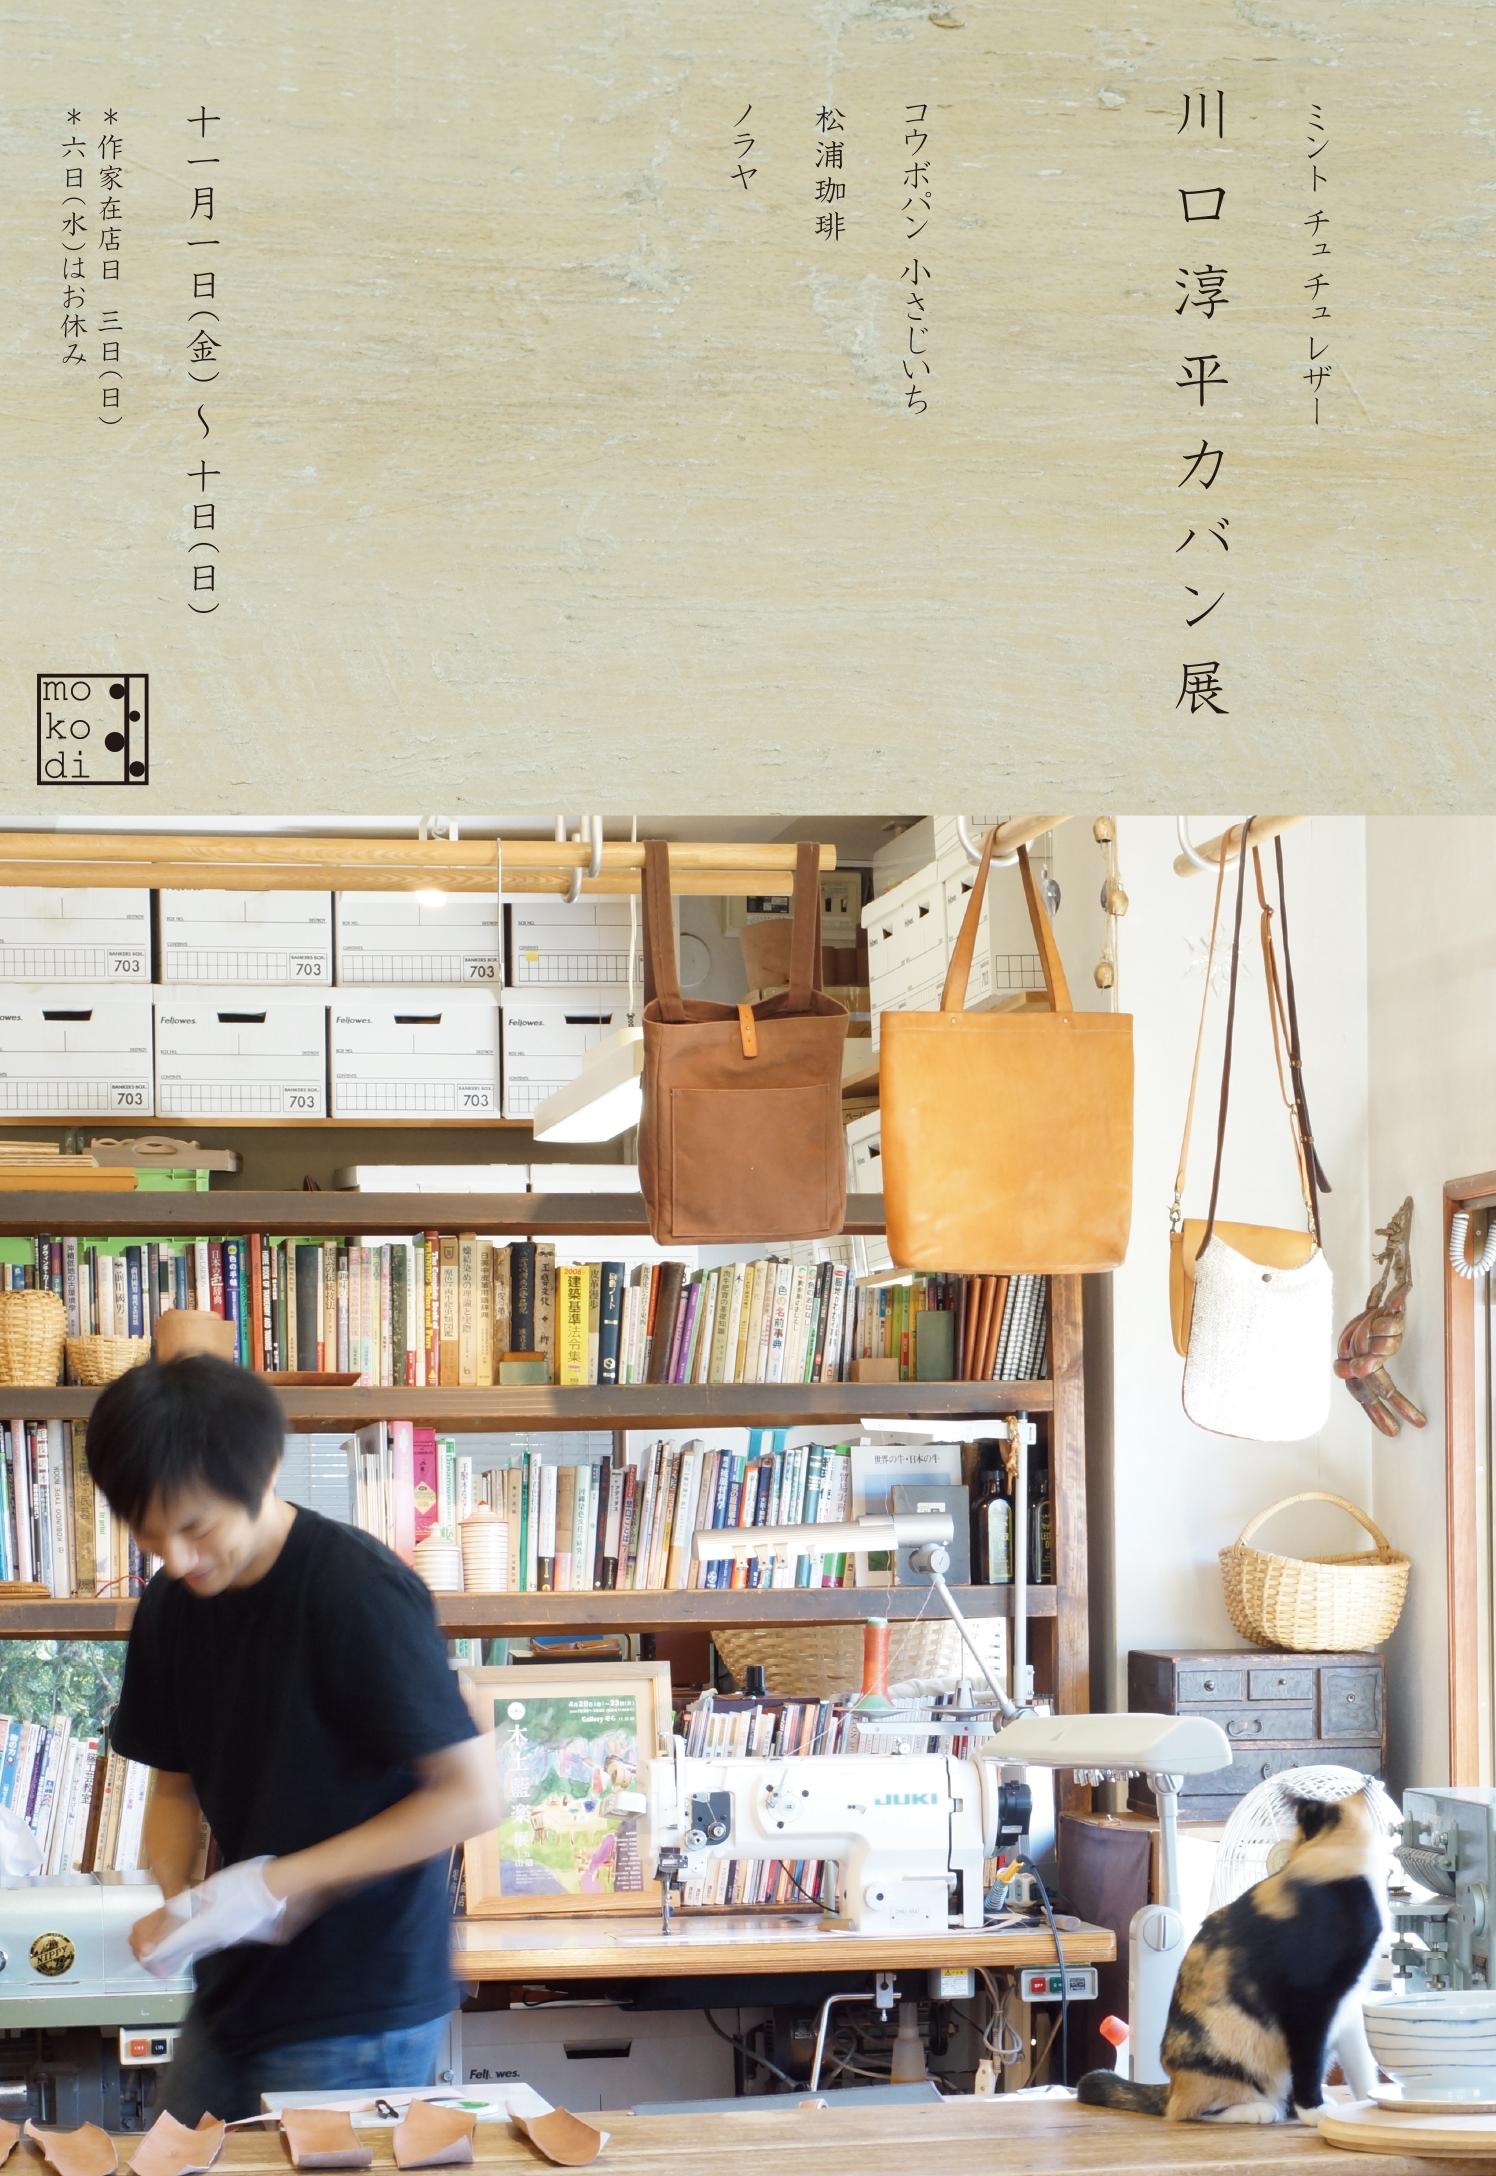 川口 淳平 カバン 展 2013.11.1~